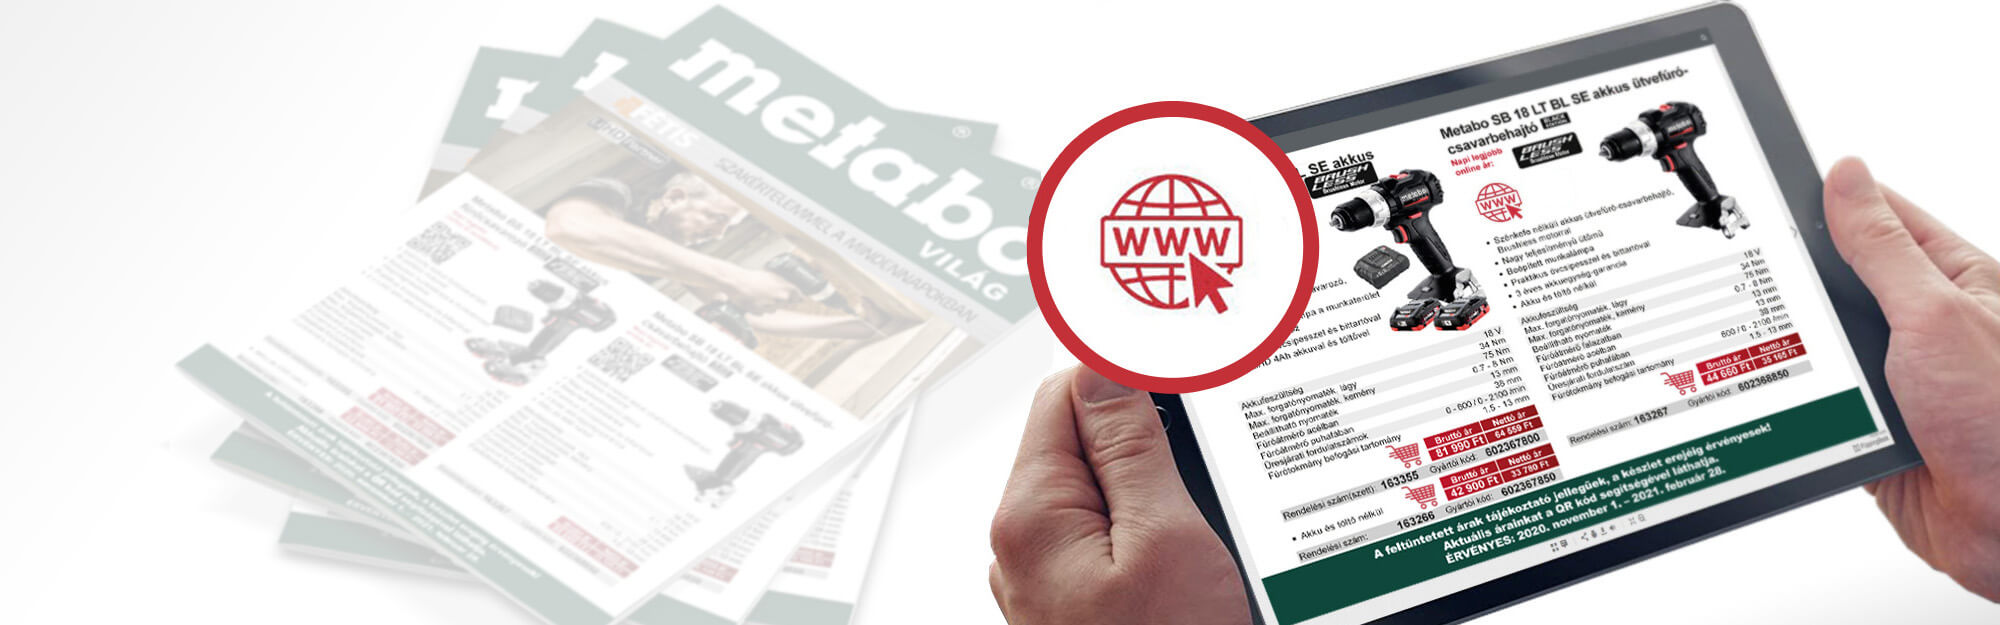 Megjelent az új Metabo Világ kiadványunk!